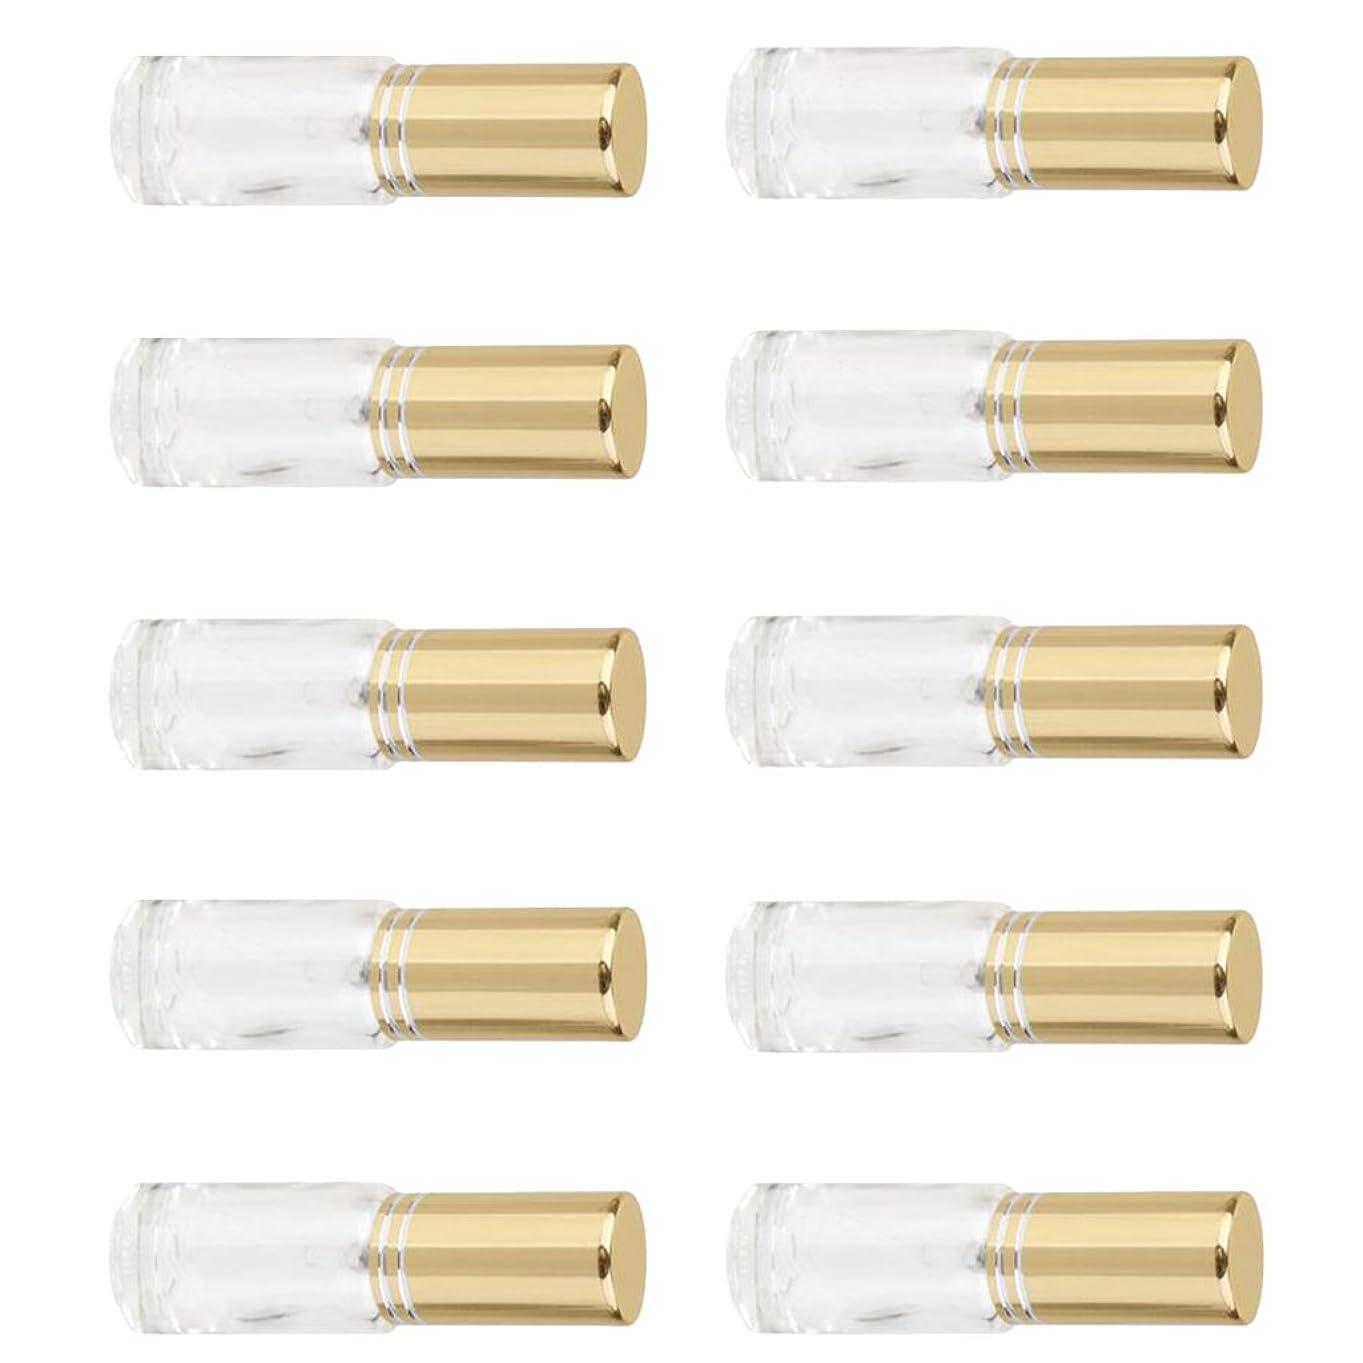 何故なのしょっぱい出力Fenteer 5ml ガラス 香水瓶 容器 詰め替え可能 男女兼用 ミニ  香水 アトマイザー ポンプ スプレー  10個入り